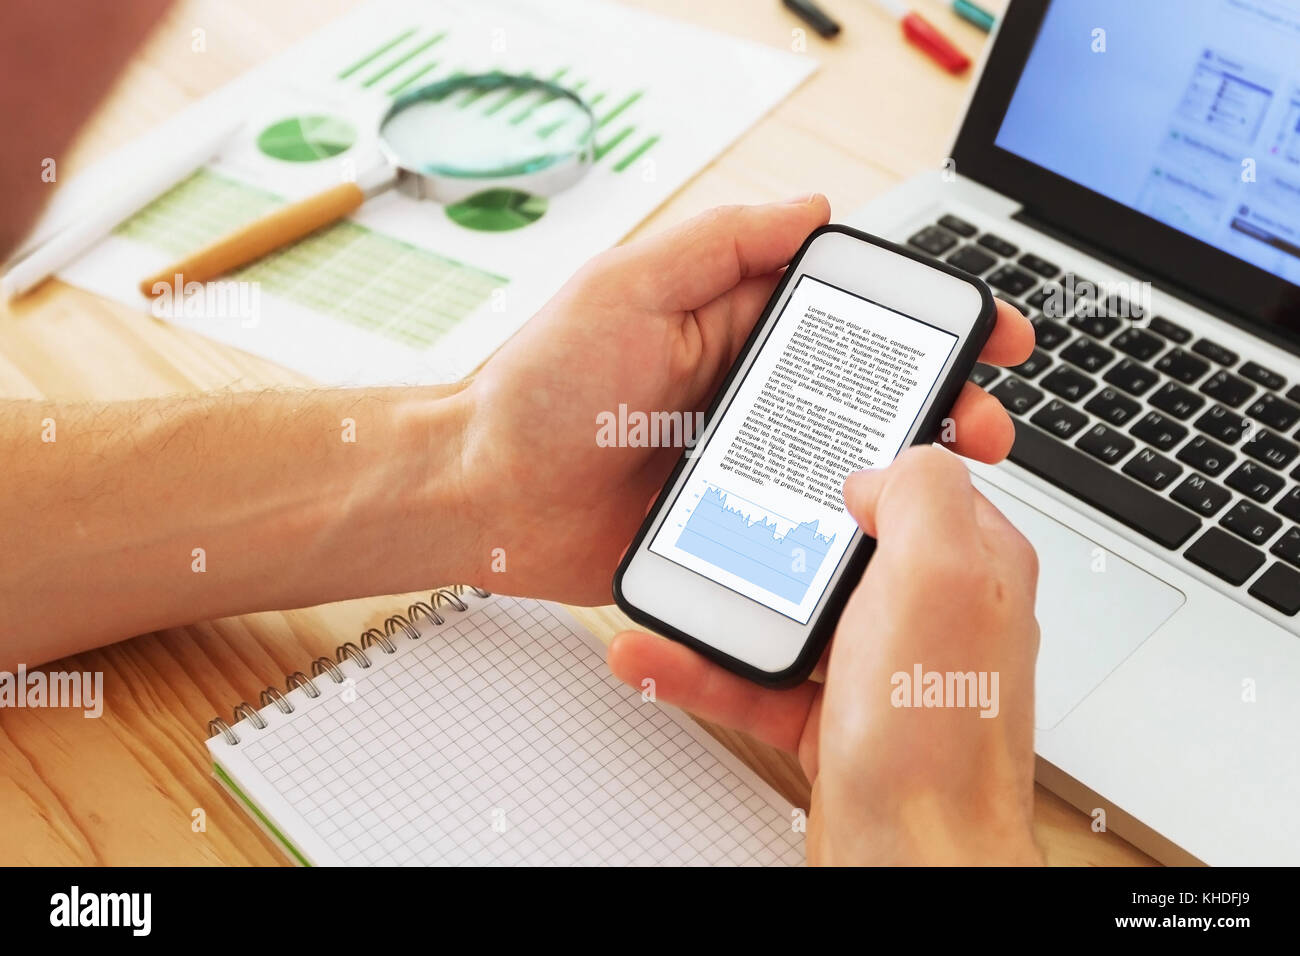 Business Analytics und finanzielle Daten, Geschäftsmann lesen Jahresbericht auf dem Bildschirm des Smartphones Stockbild